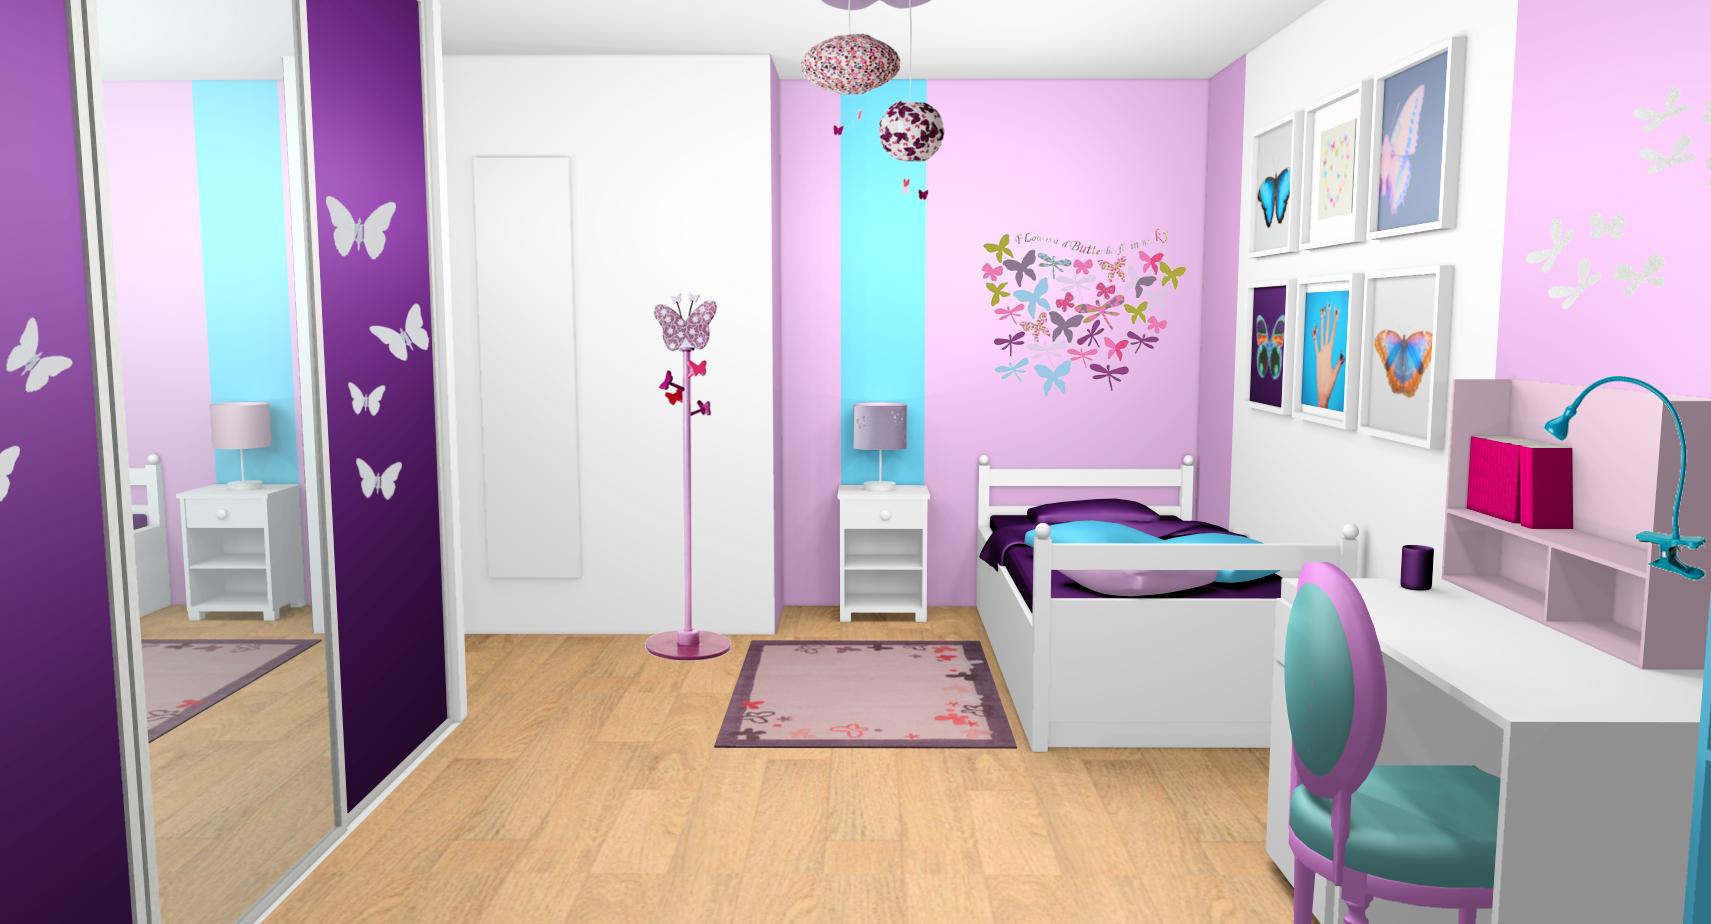 Chambre Ado Fille Moderne 2013 Violet Nouveau Galerie Image De Chambre De Fille